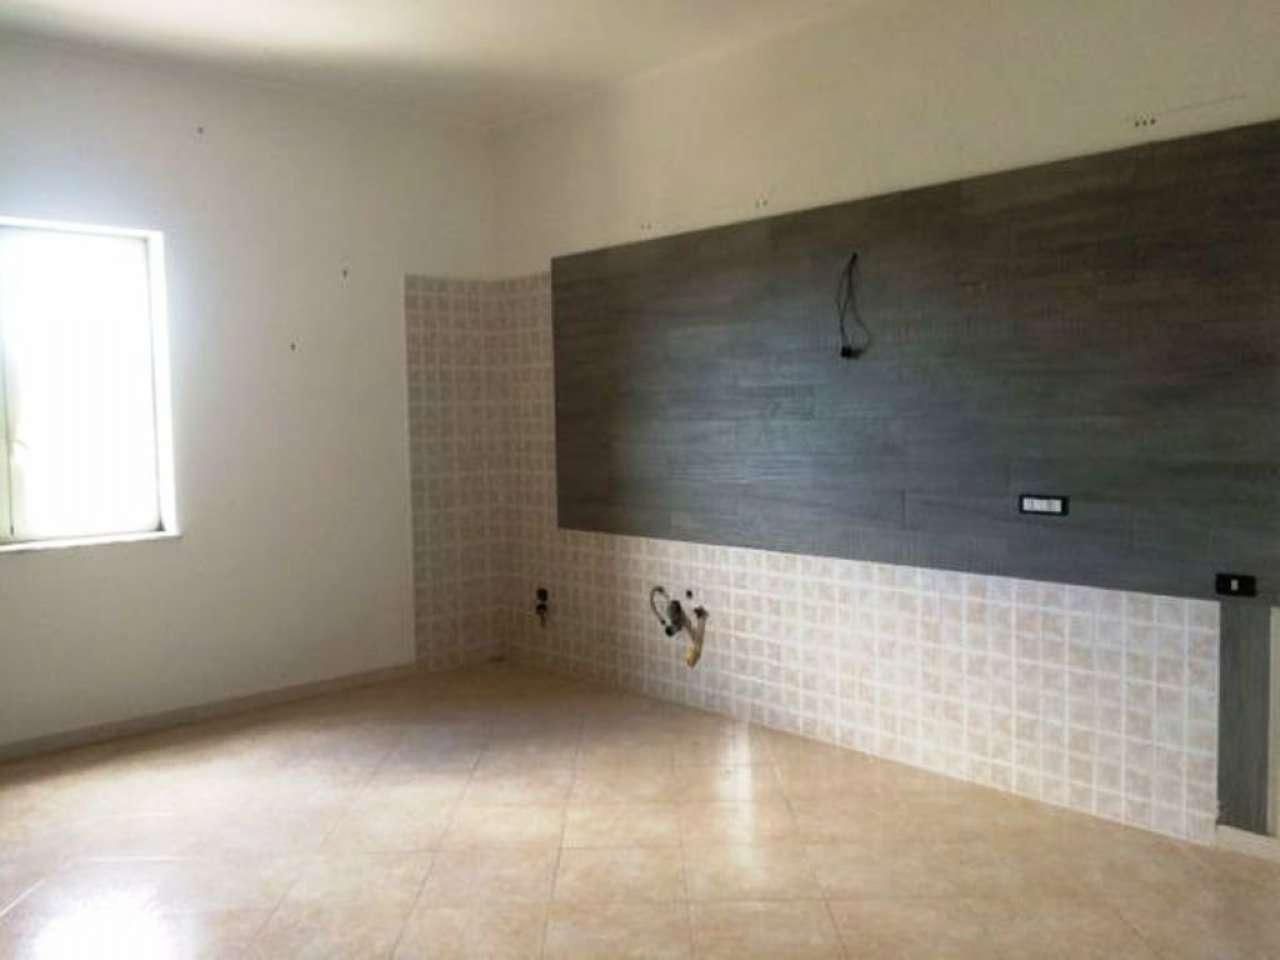 Appartamento in affitto a Trecase, 2 locali, prezzo € 550 | CambioCasa.it